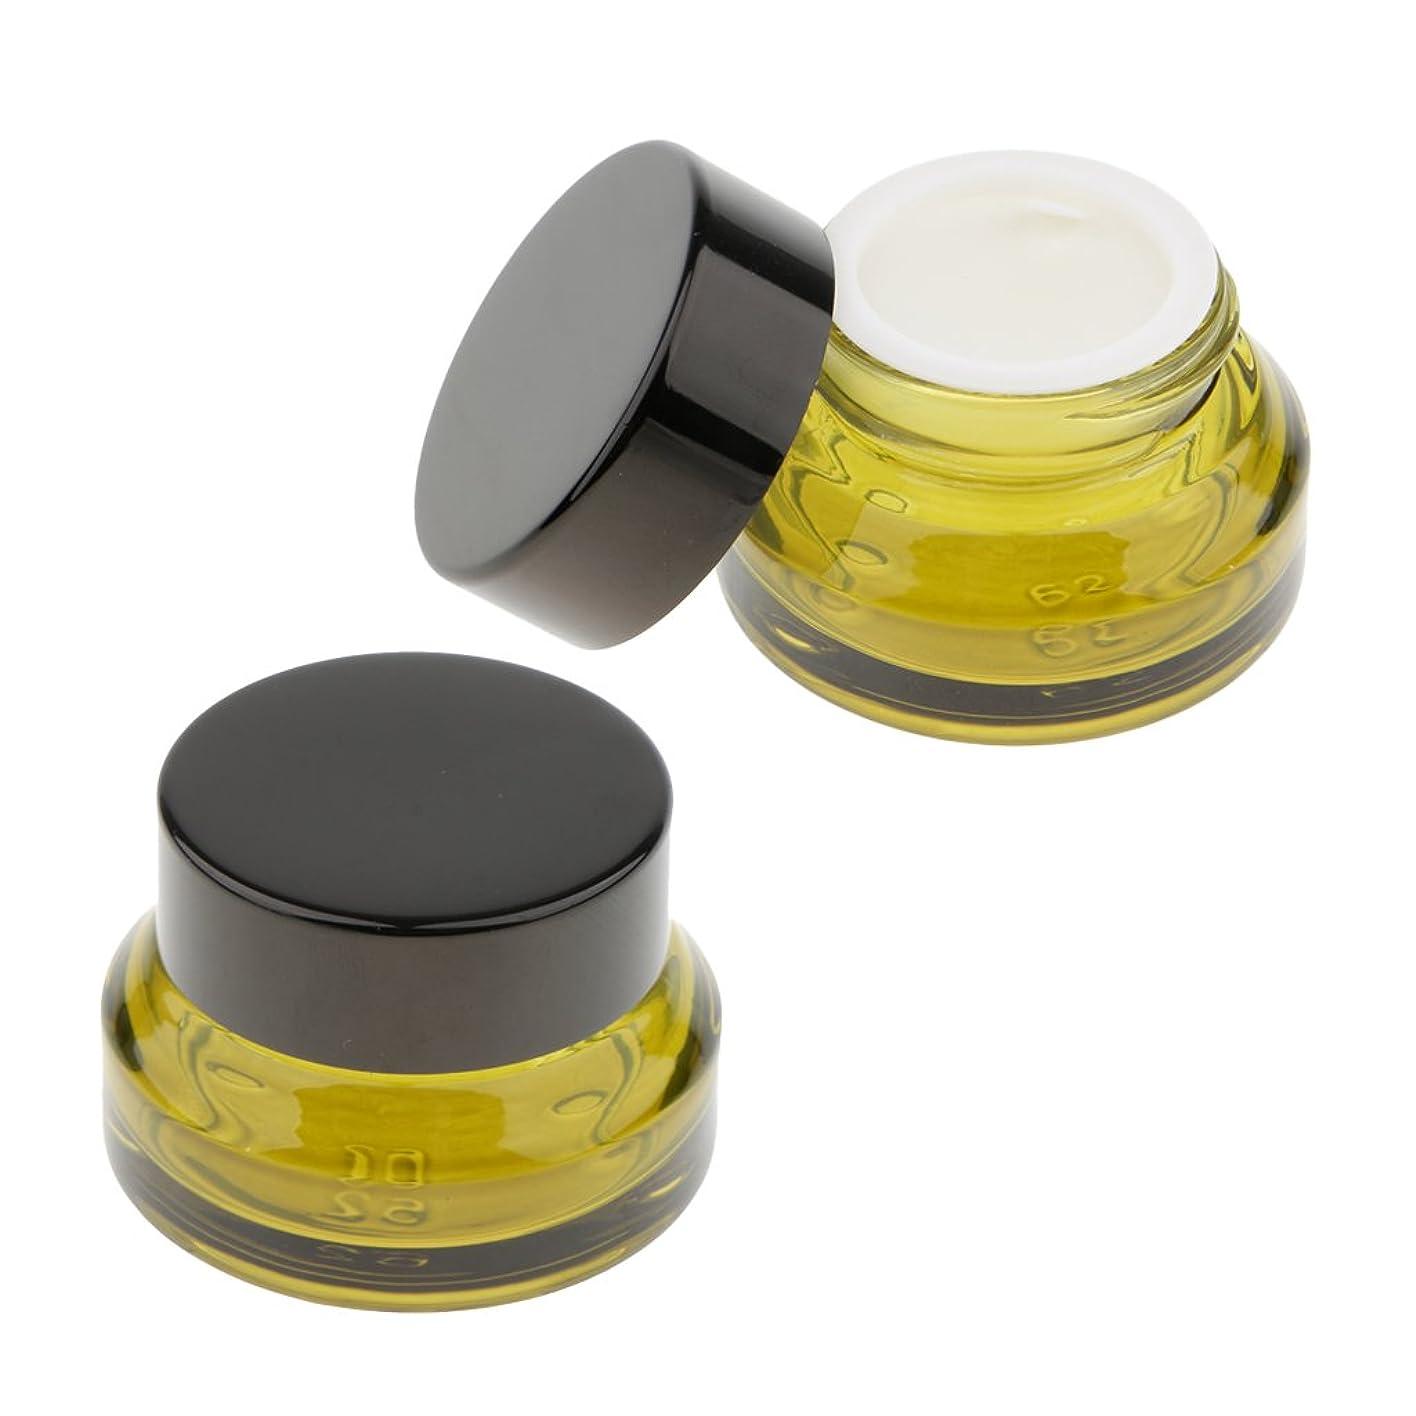 いう罪悪感砂のKesoto 2個 ガラスボトル クリームボトル メイクアップ容器 顔のクリームジャー ローション 旅行用 ケース 3サイズ選べ - 15g